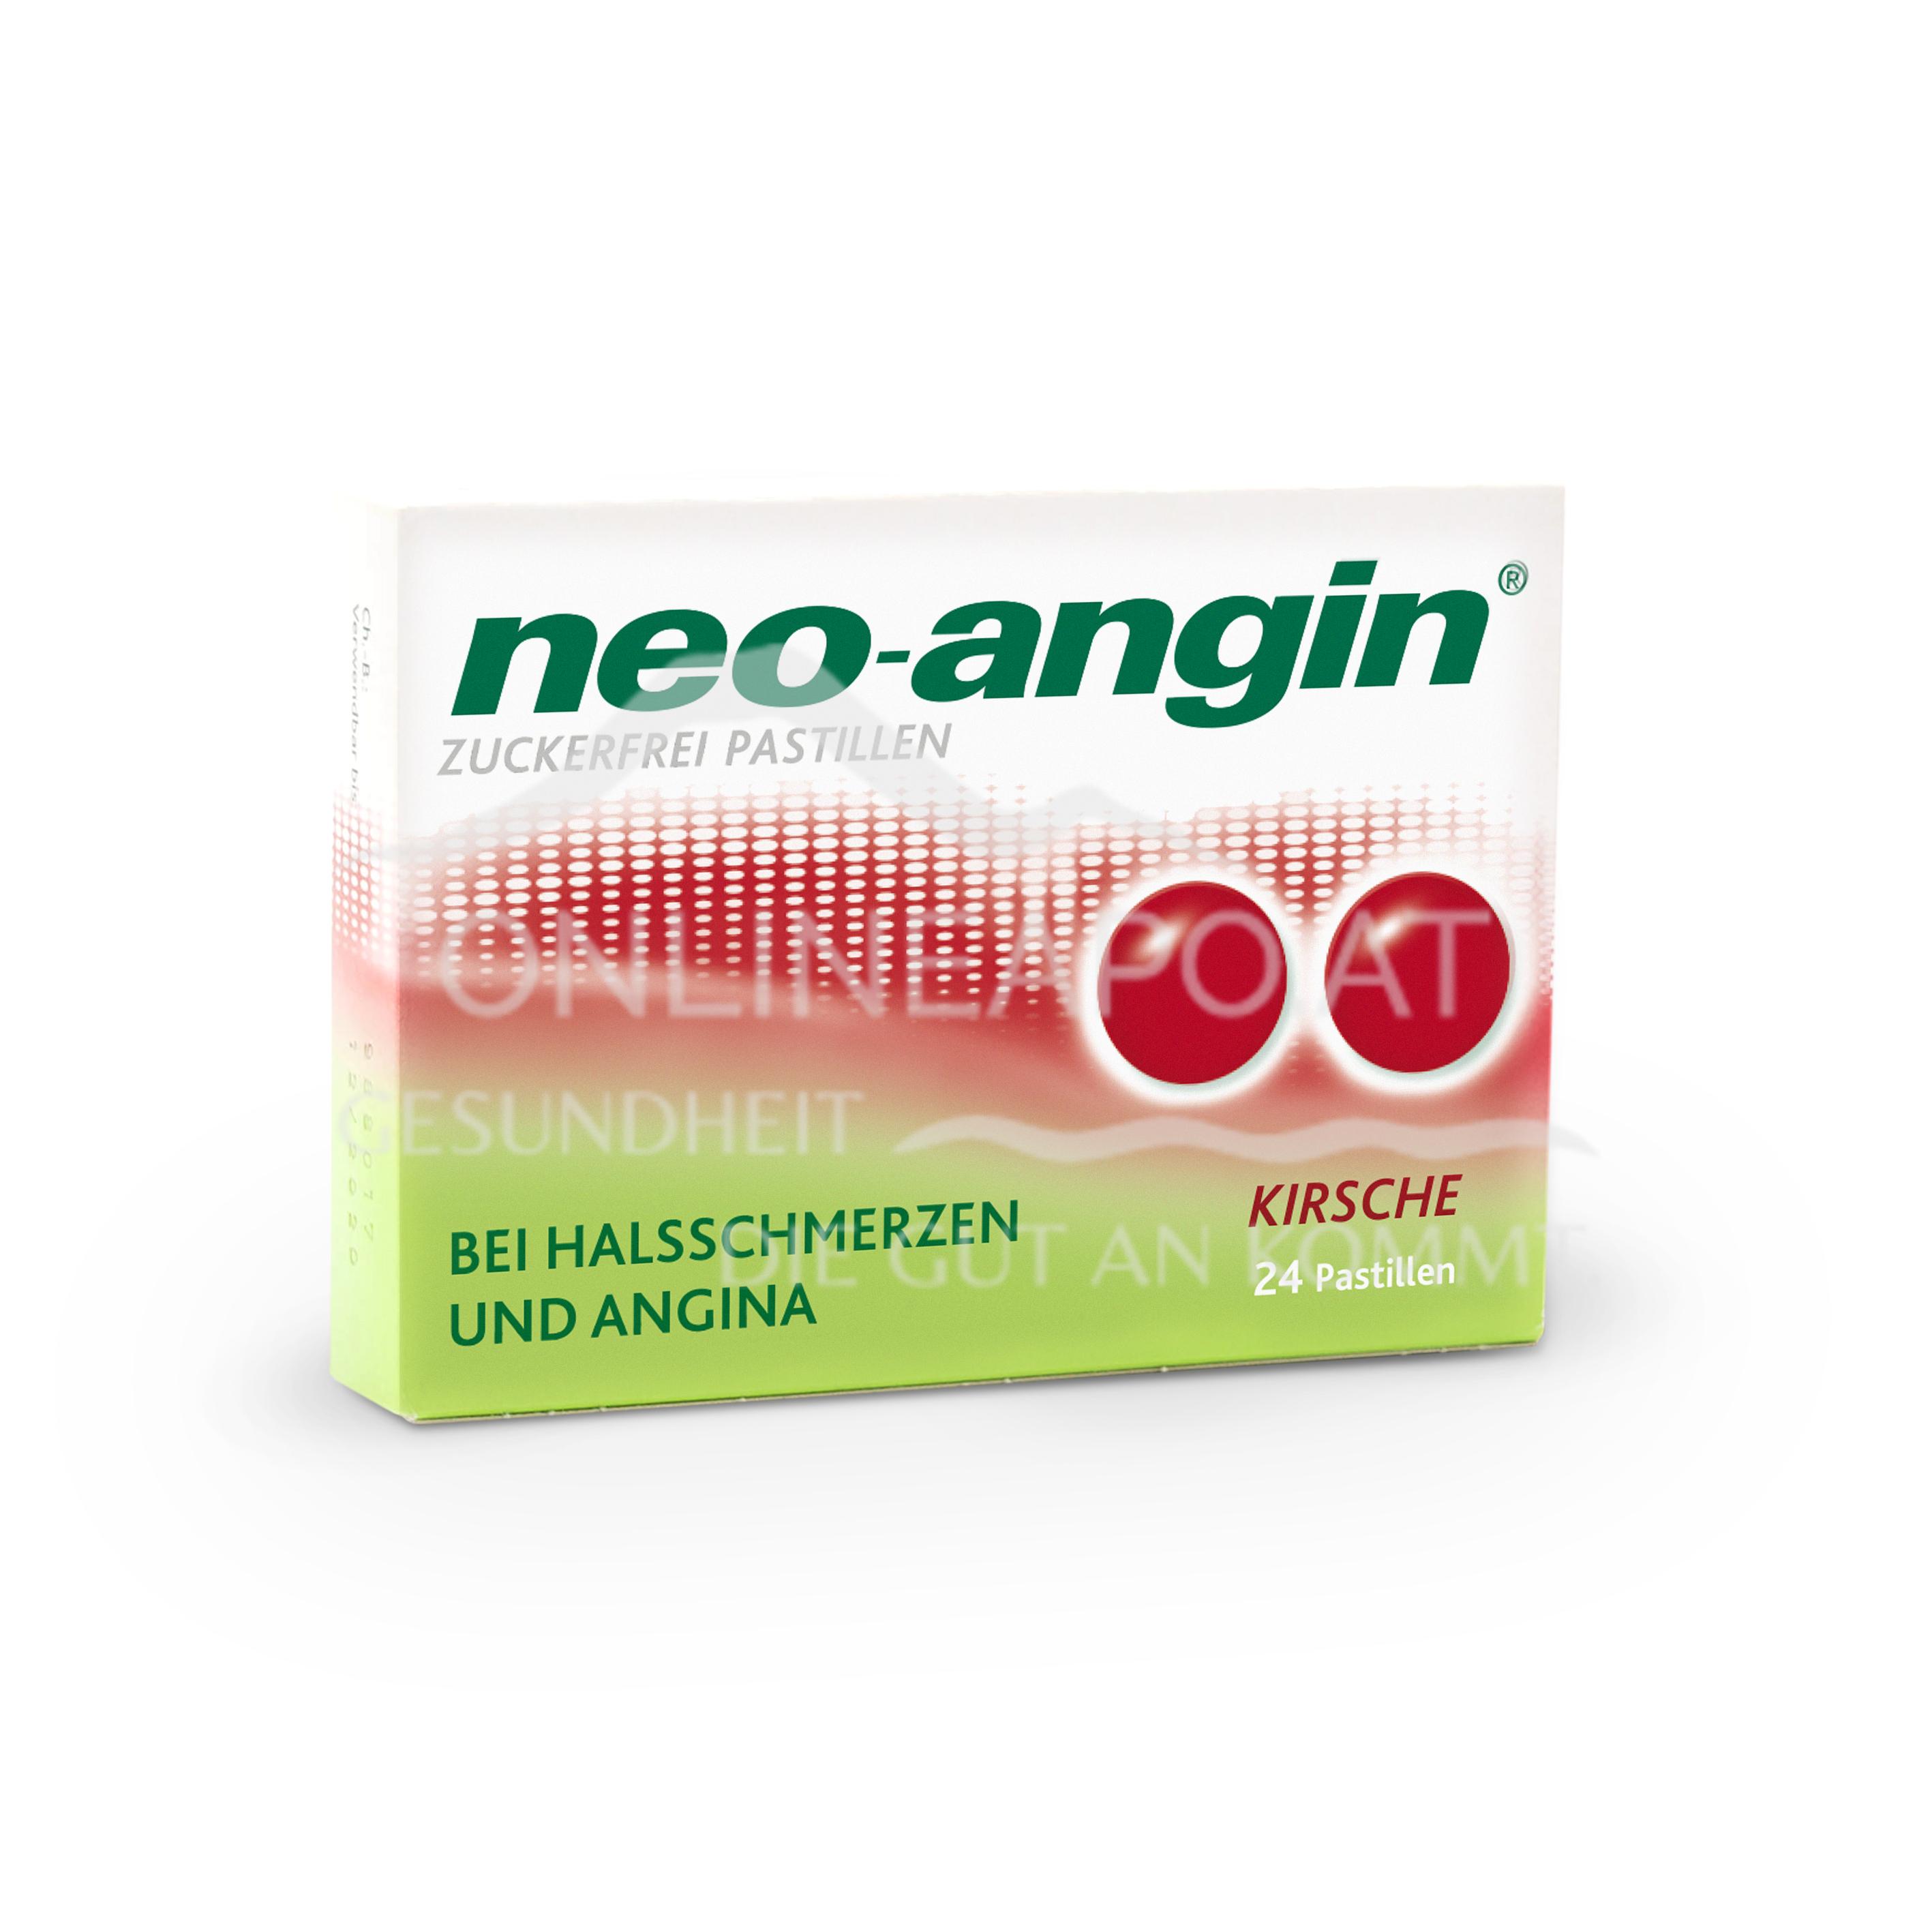 neo-angin® Kirsche zuckerfrei Pastillen